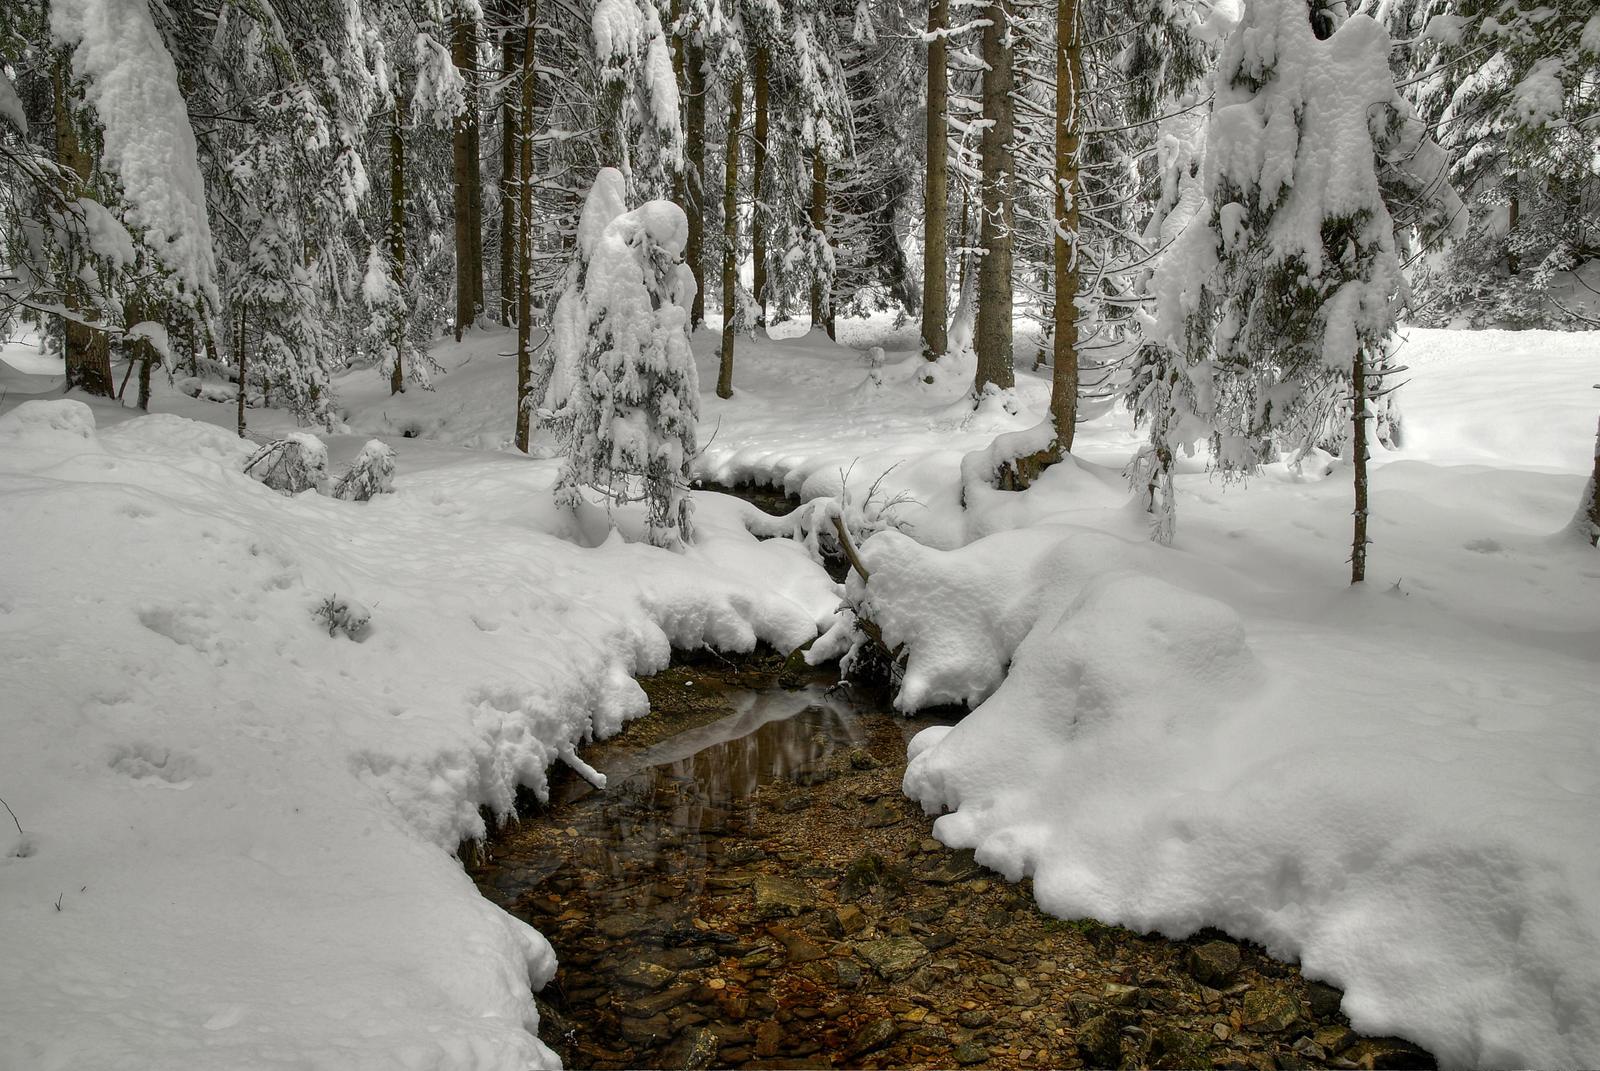 Snowy Again by Burtn